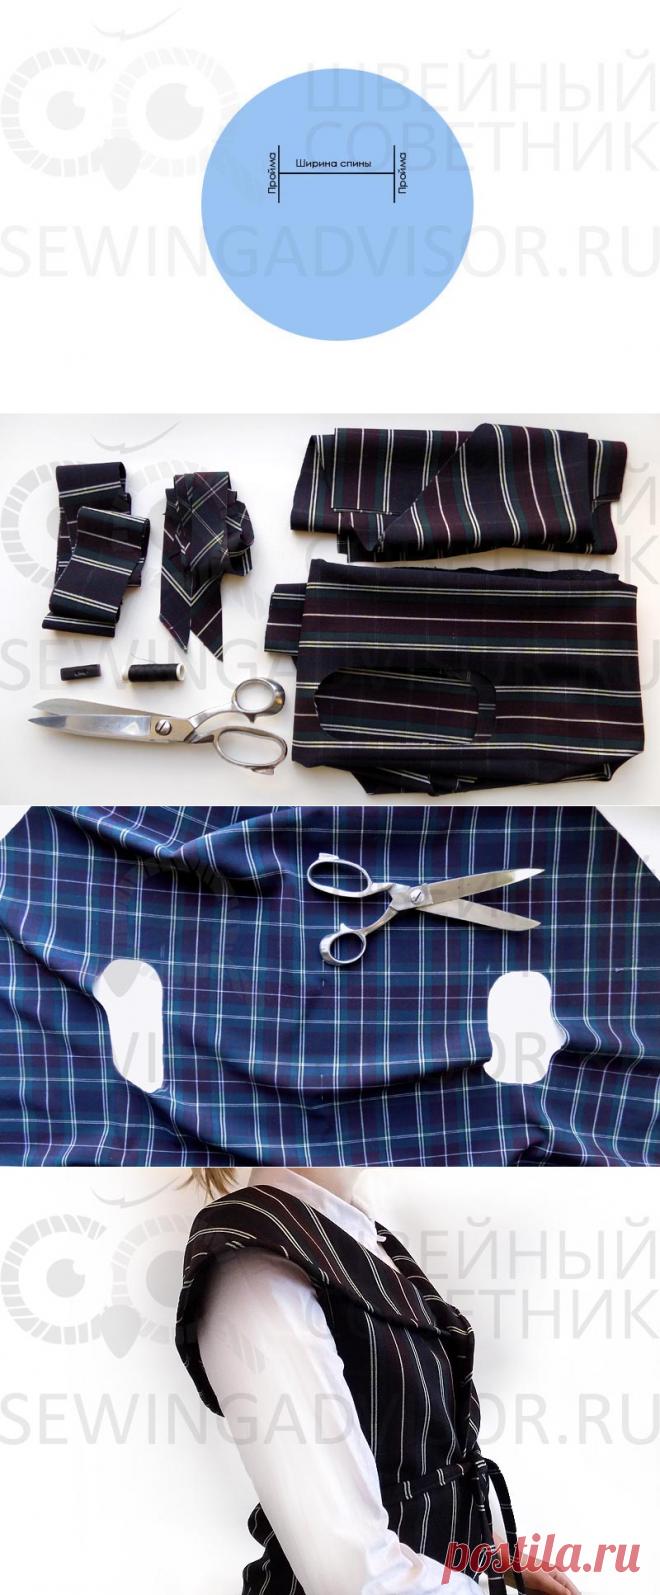 Круглый жилет, мастер-класс | Швейный Советник